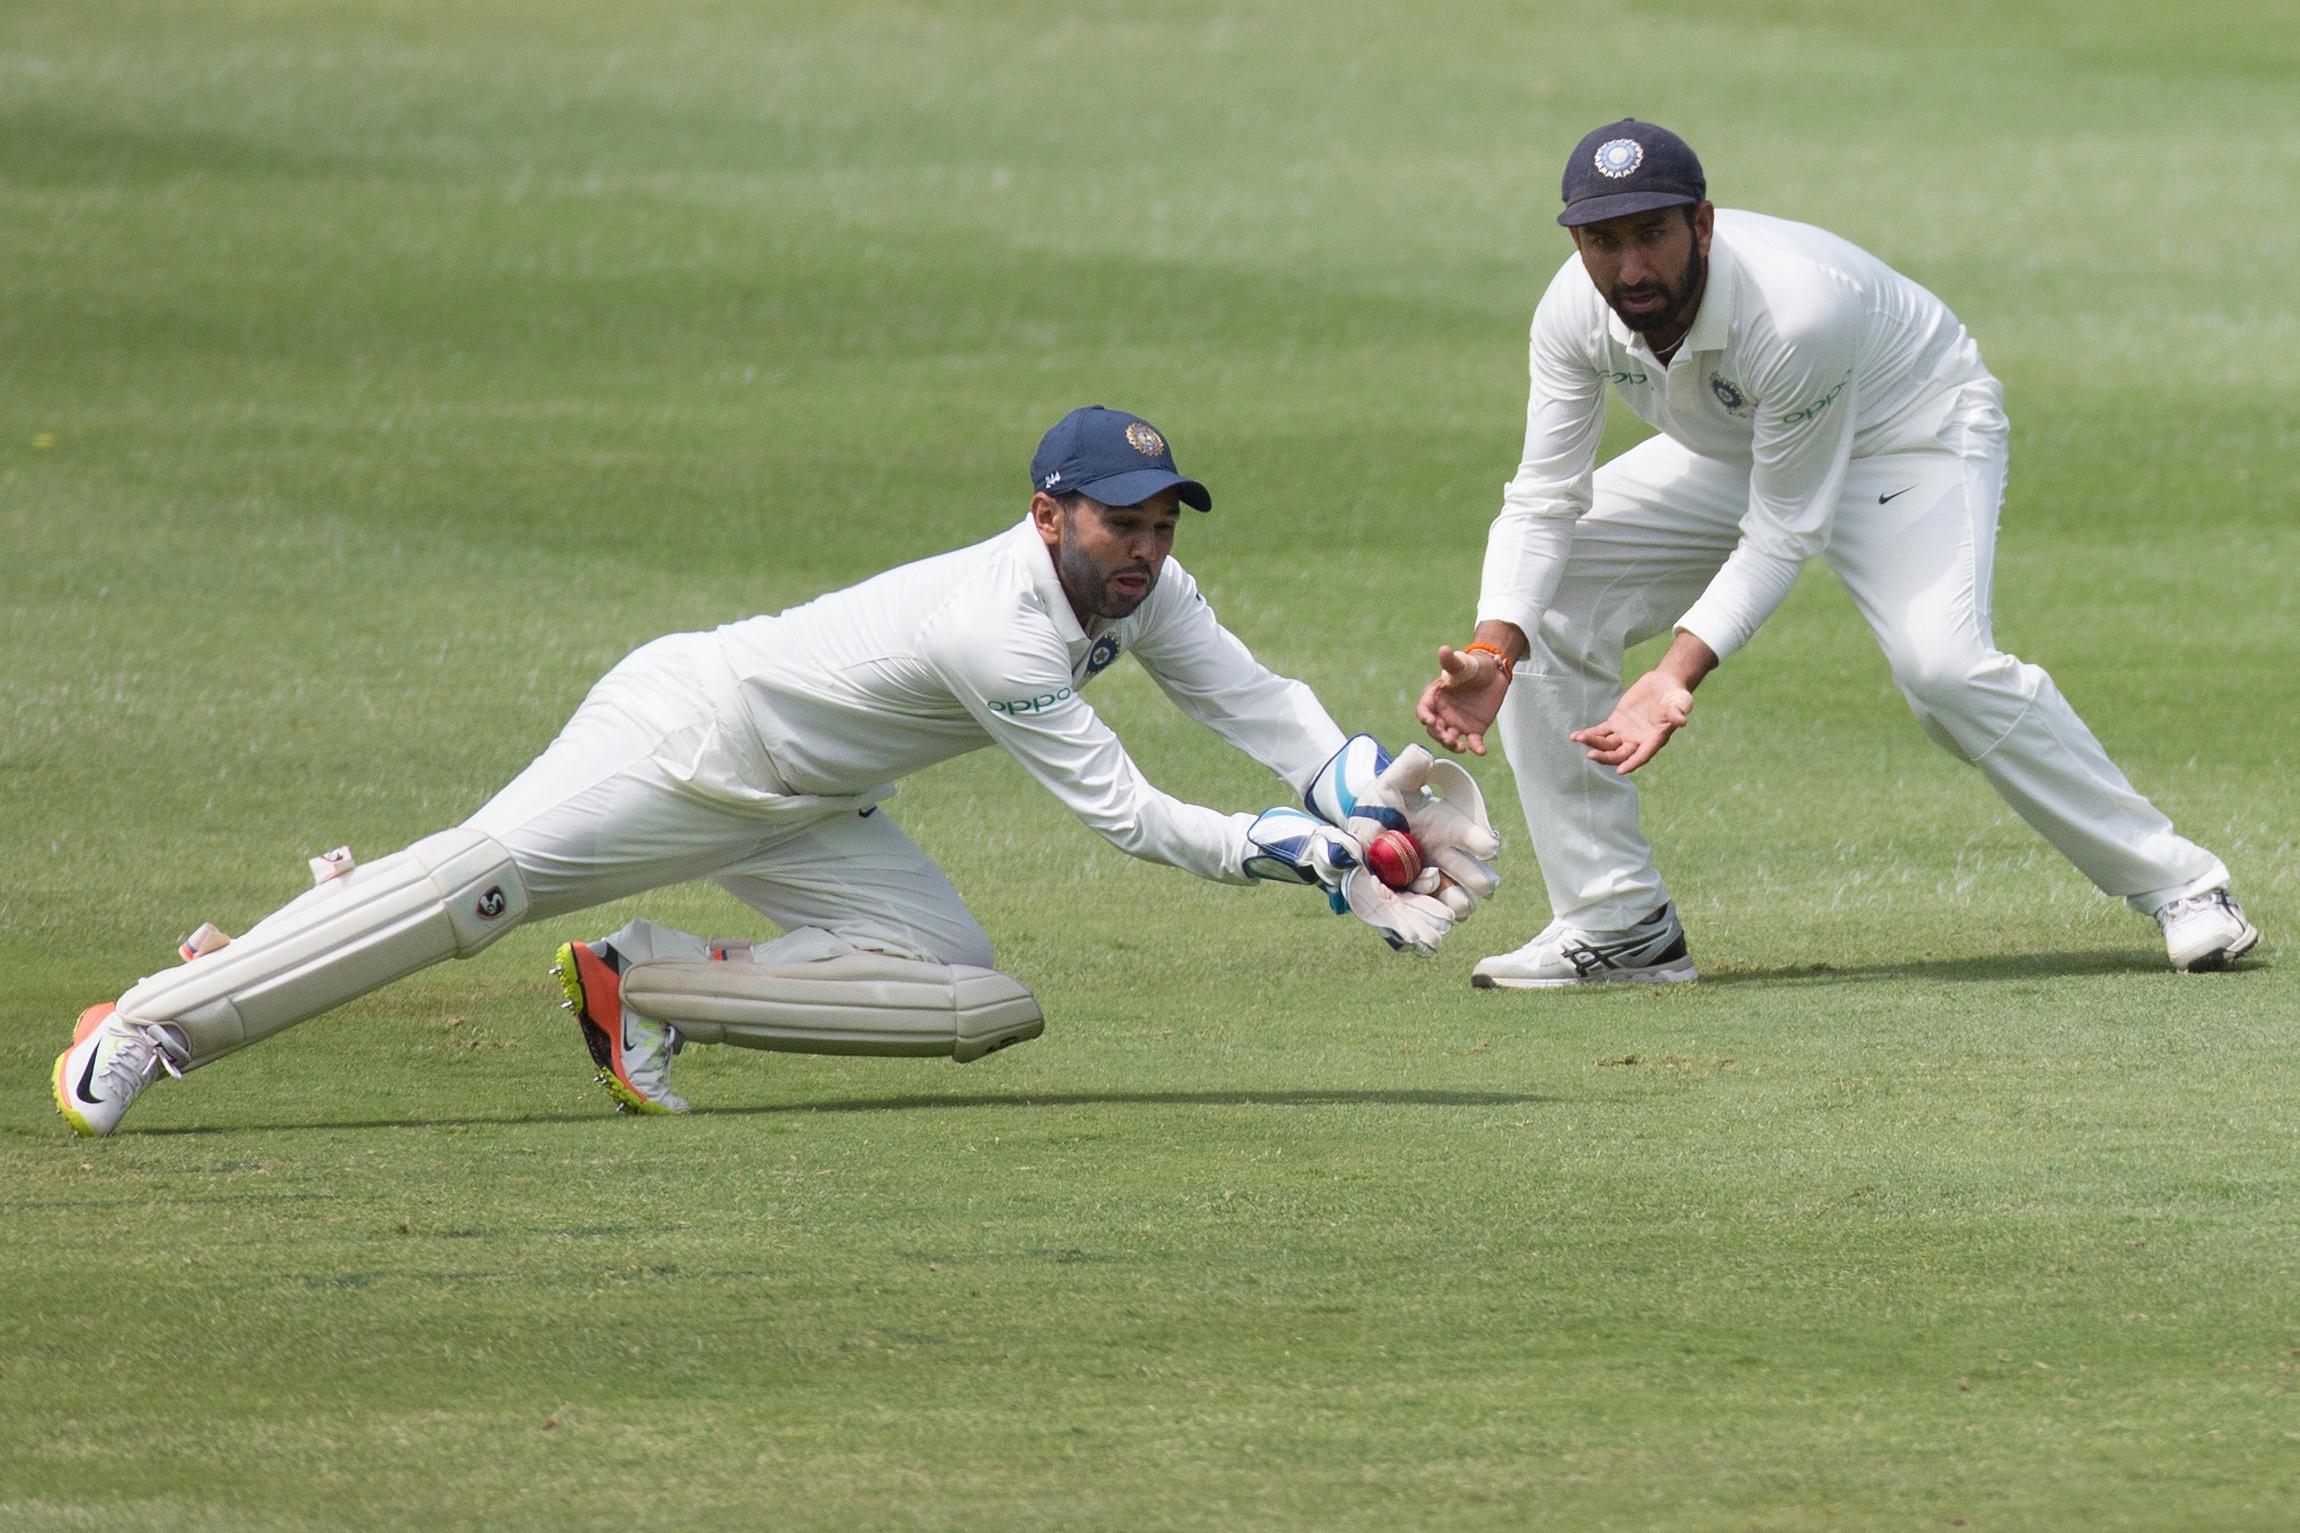 cricket14.jpg